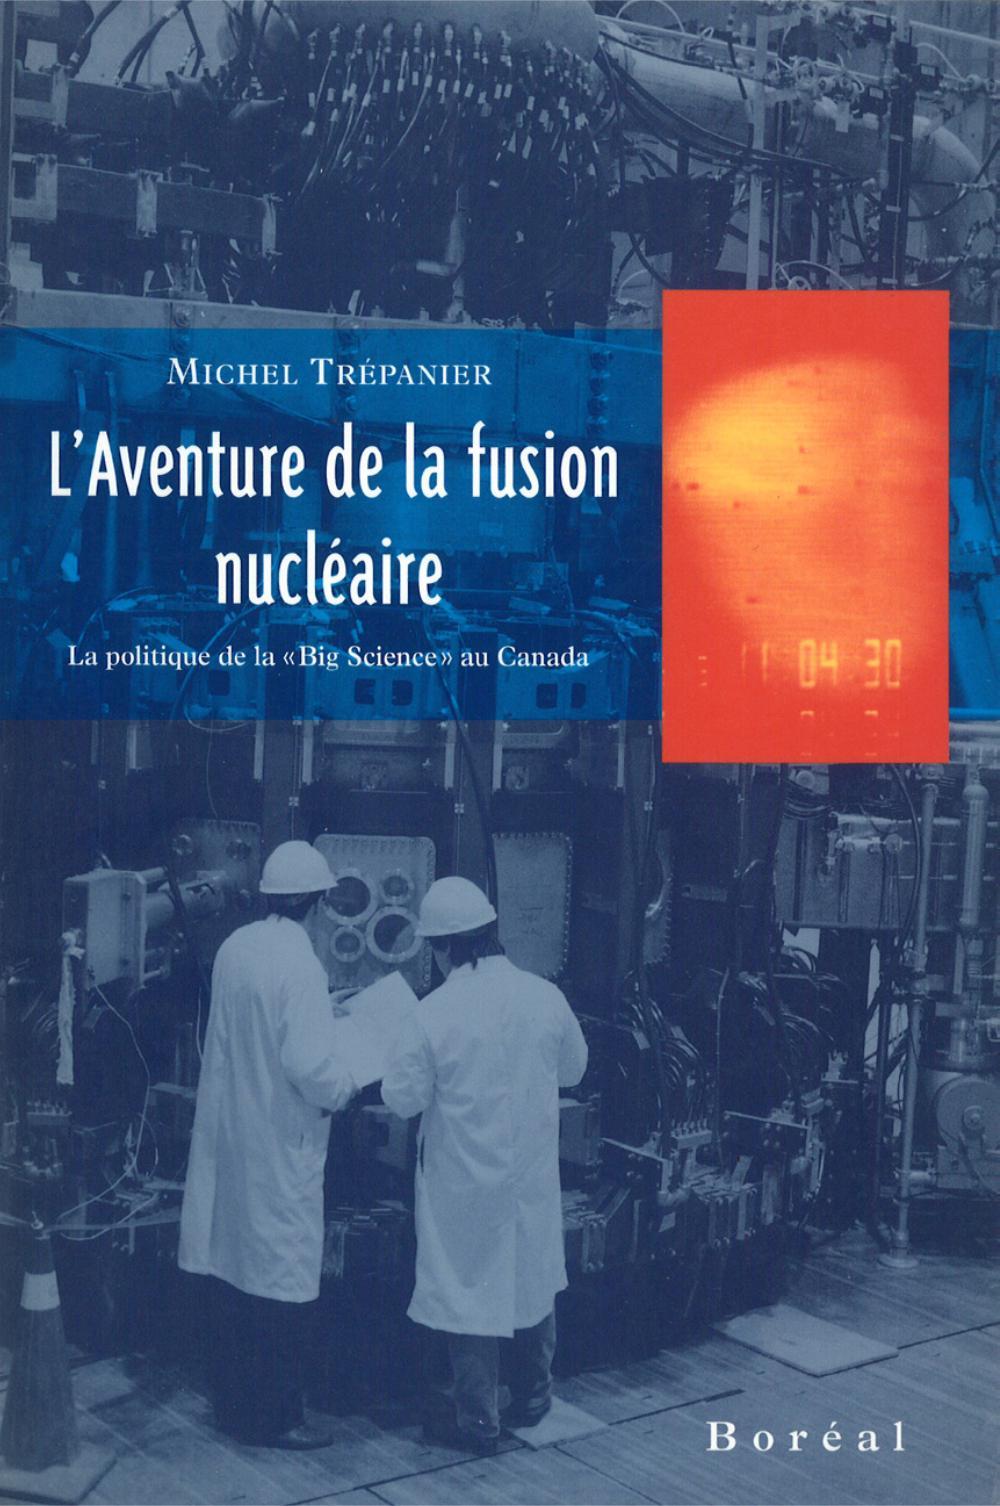 L'Aventure de la fusion nuc...